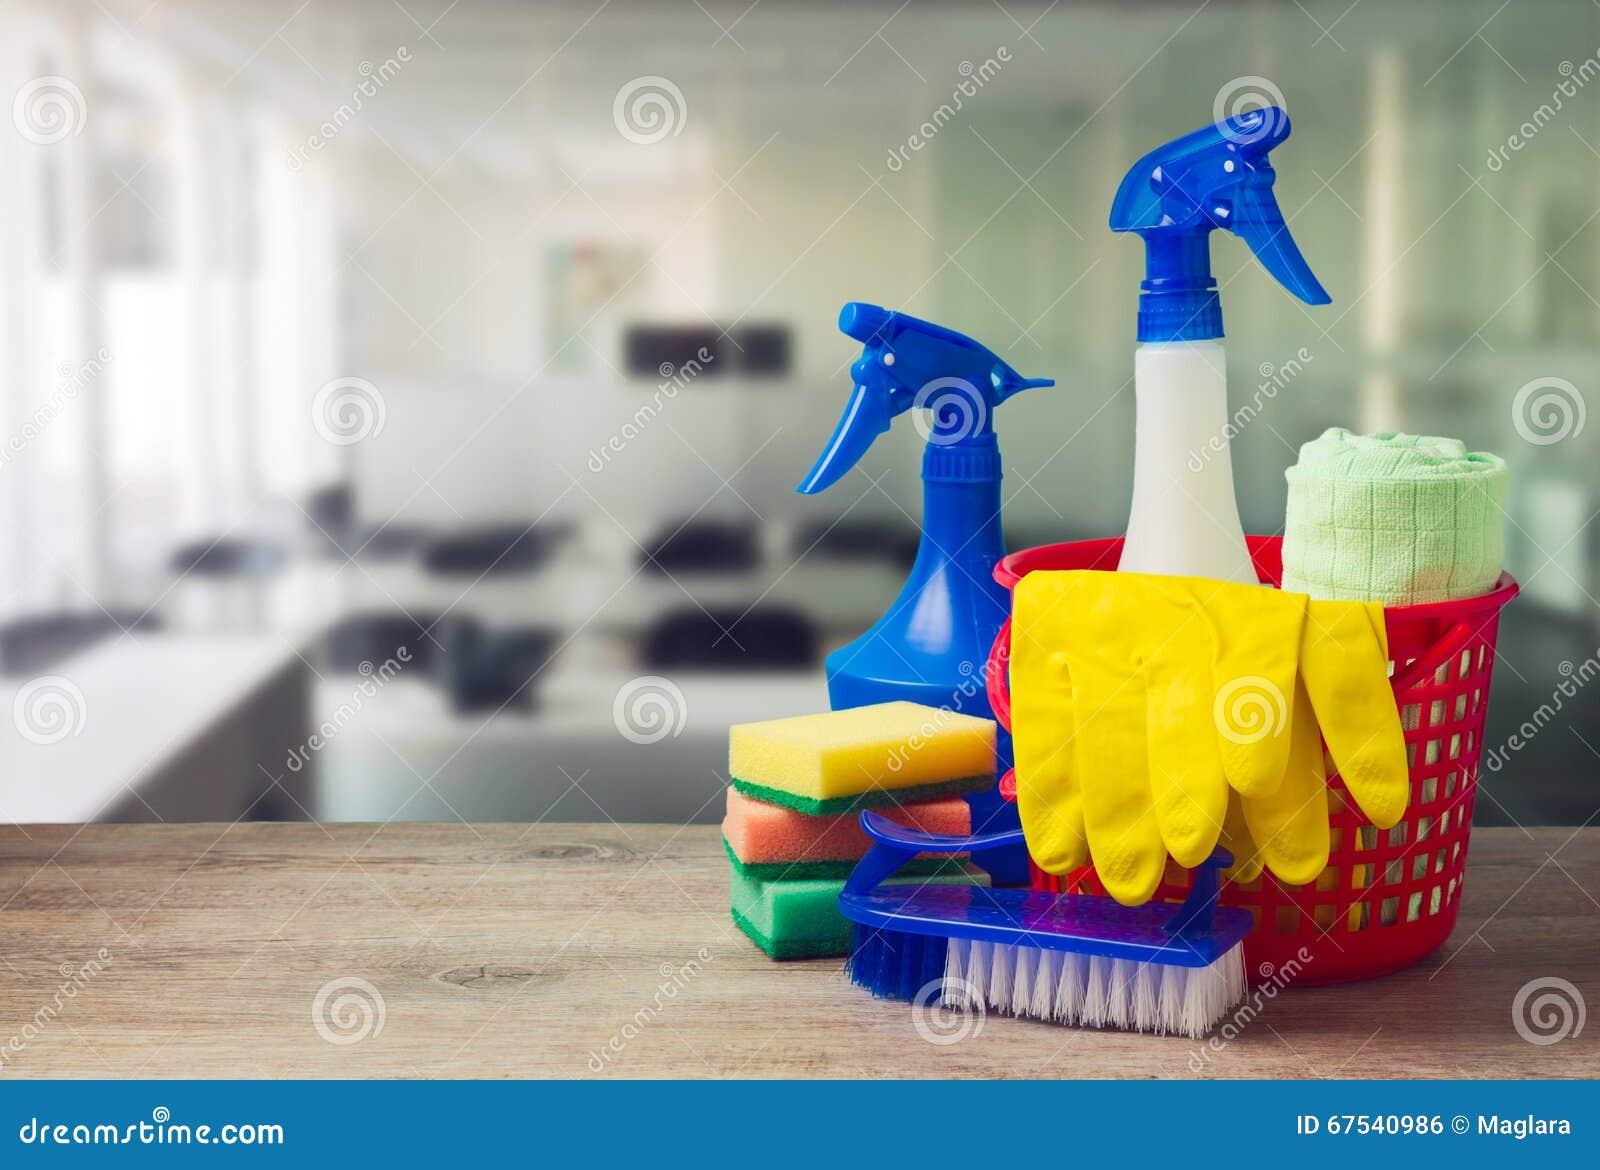 Concept de service de nettoyage de bureau avec des